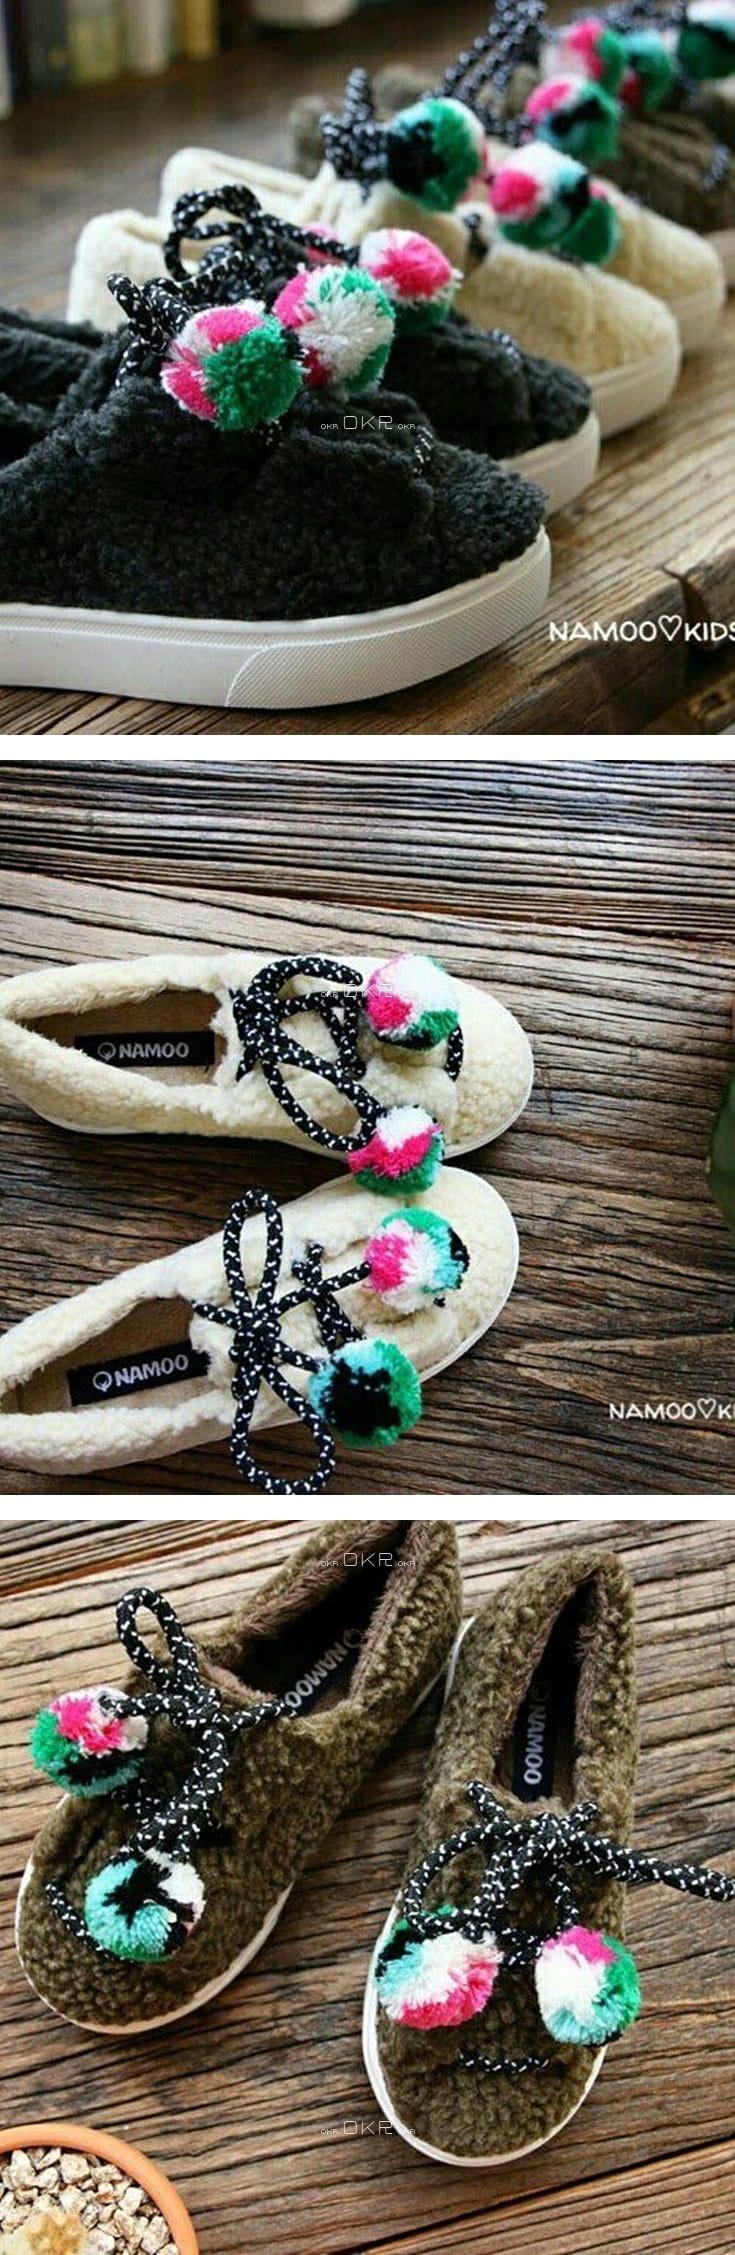 NAMOO & KIDS - Korean Children Fashion - #Kfashion4kids - Sheep Sneakers